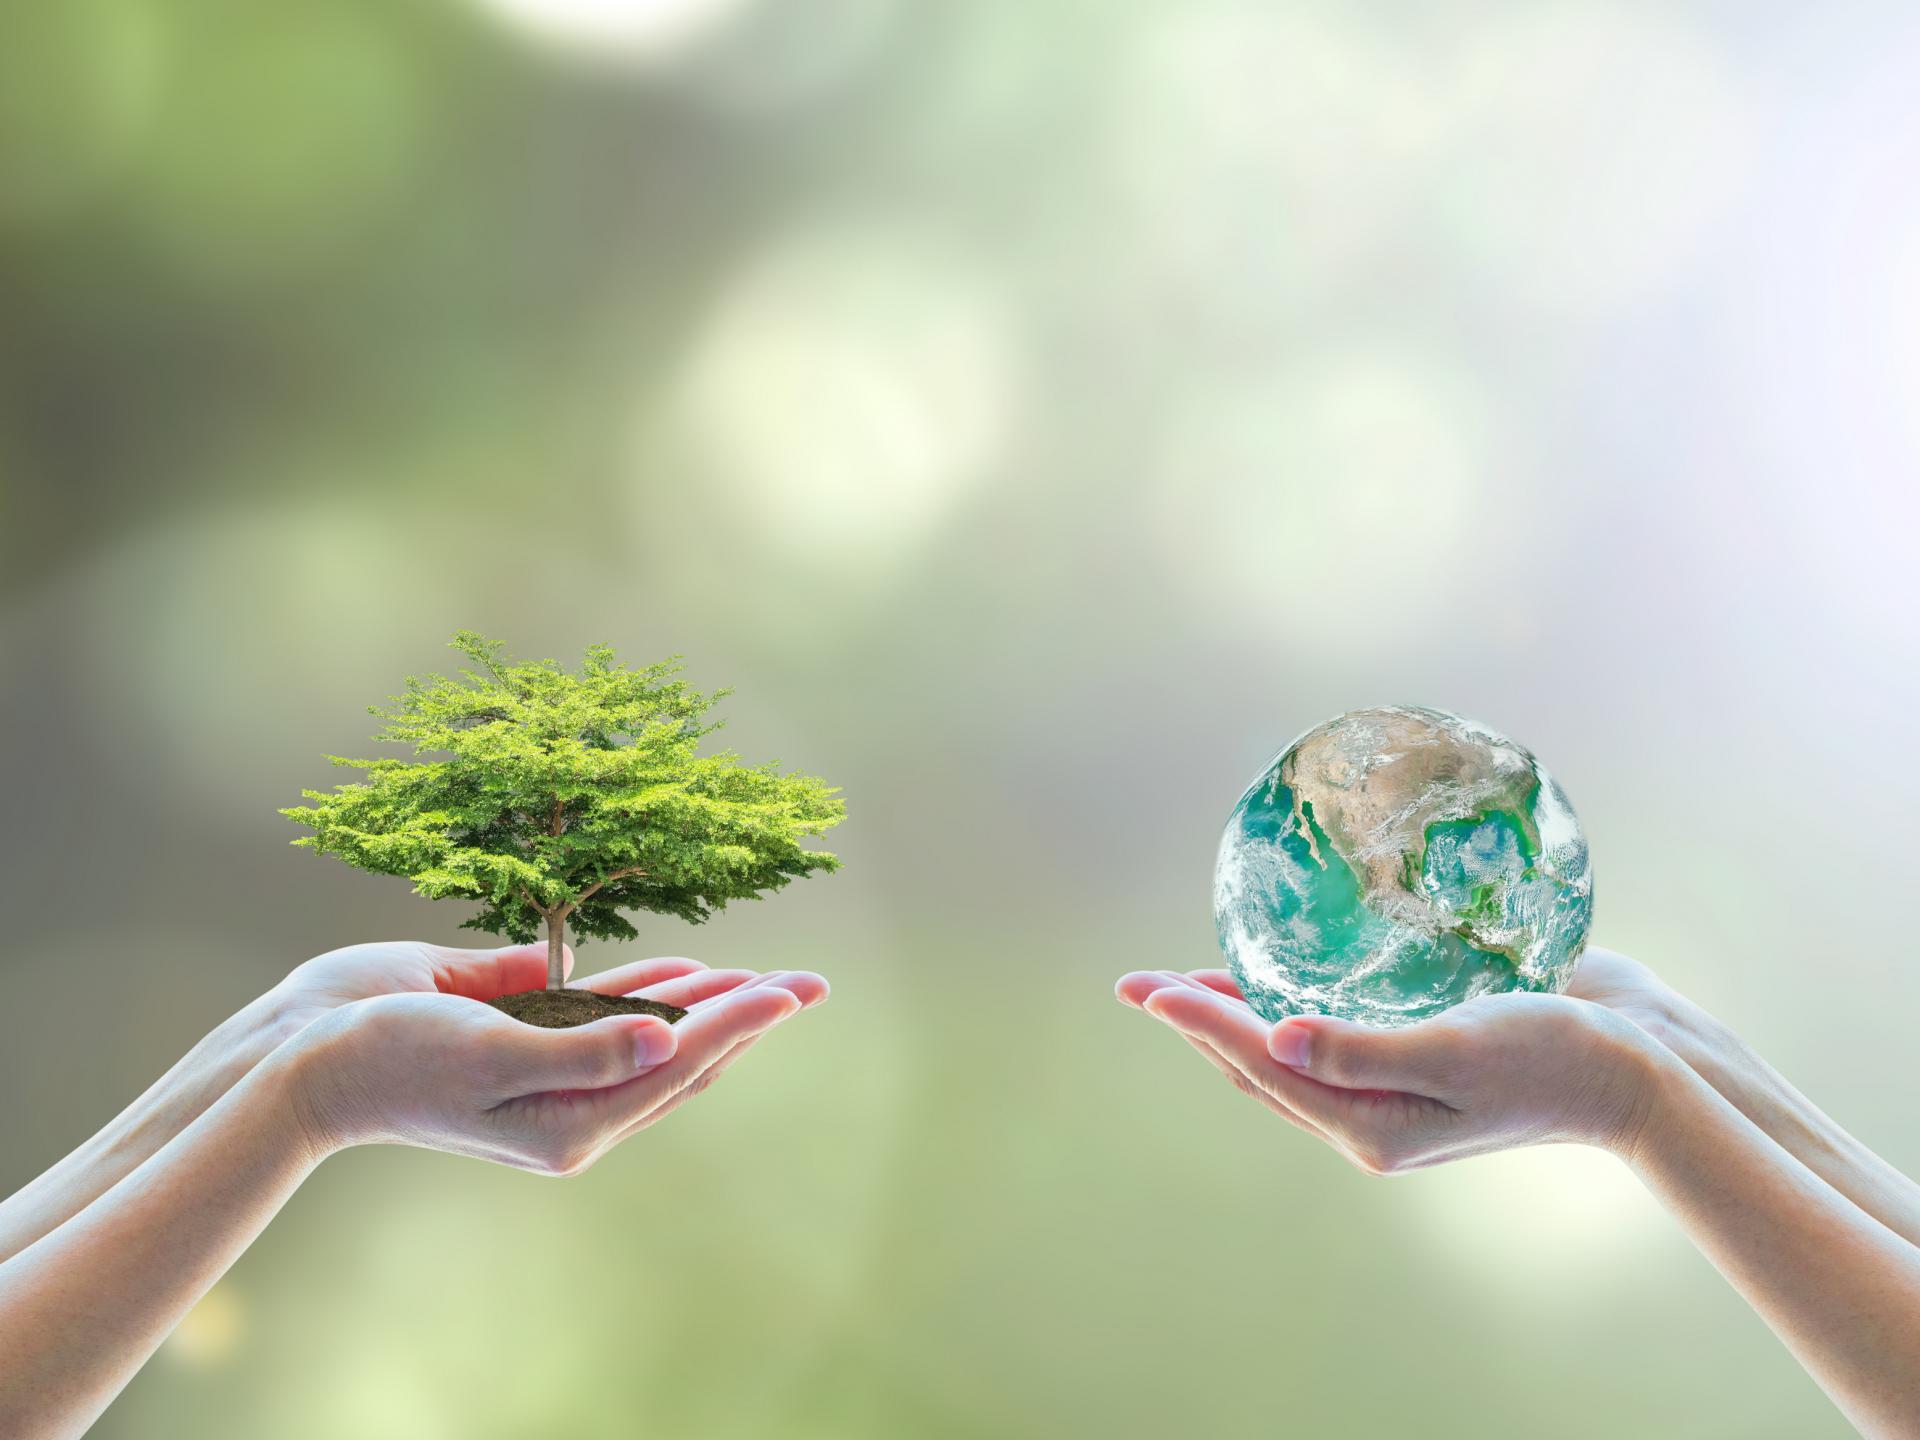 câu hỏi về môi trường bằng tiếng Anh